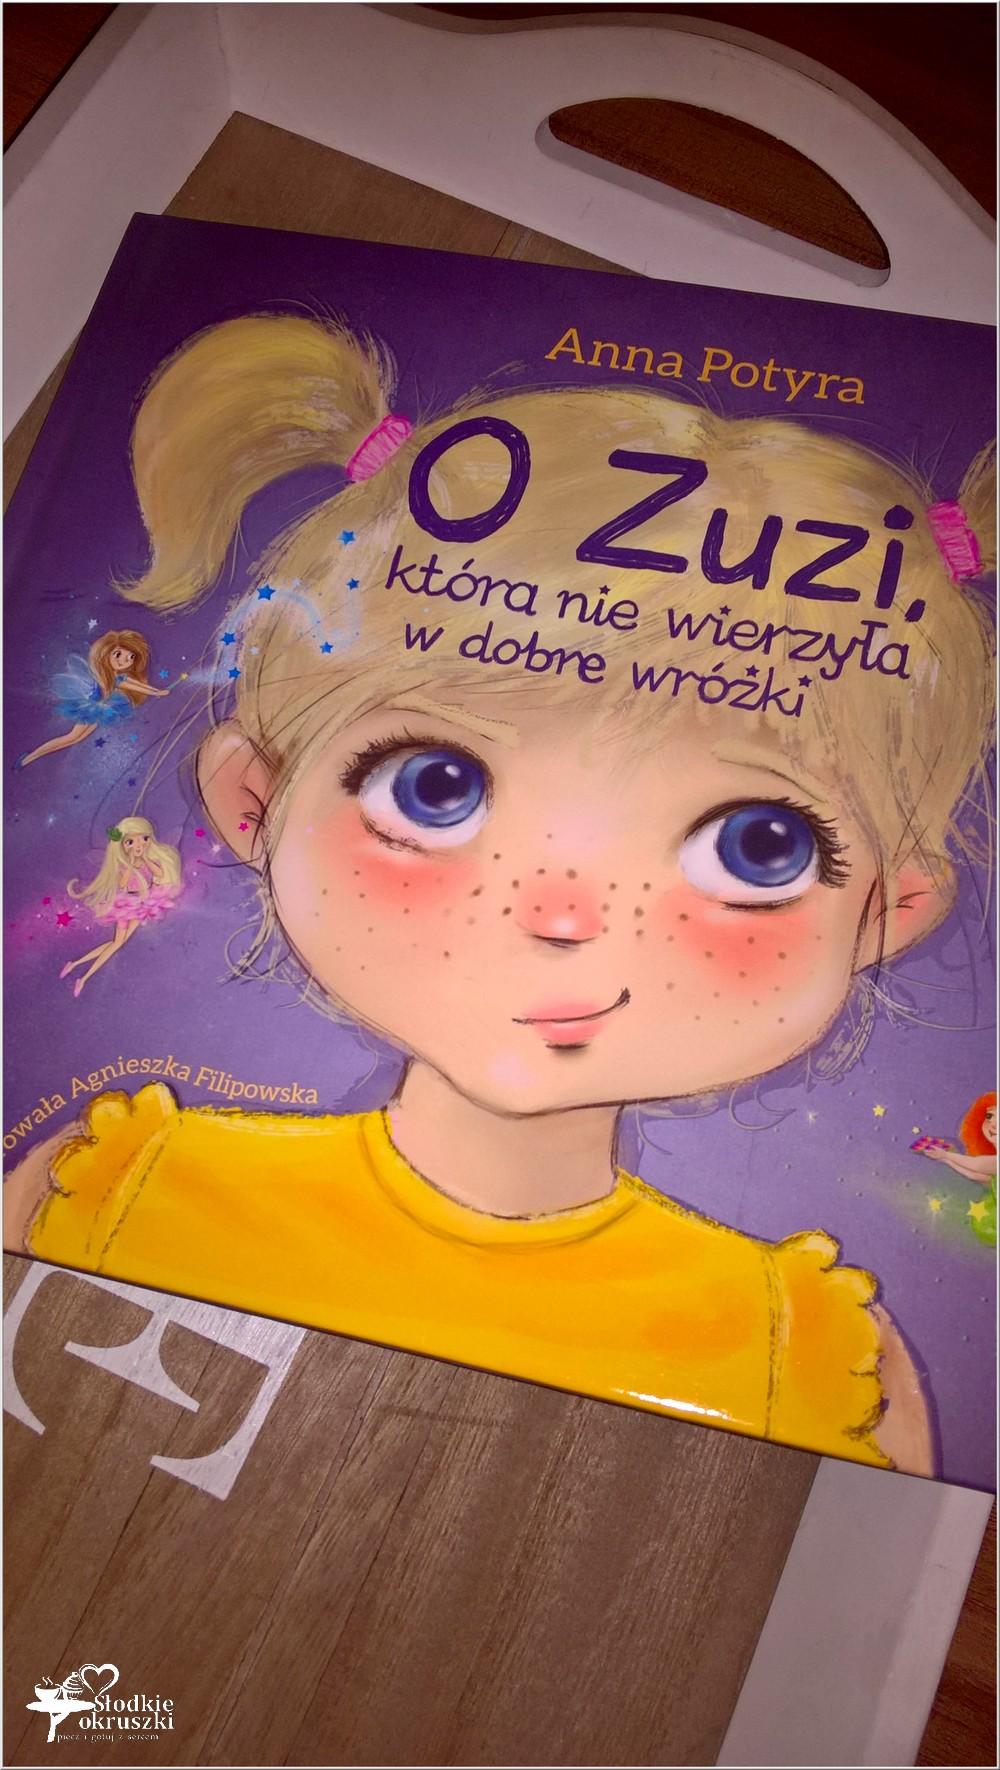 O Zuzi, która nie wierzyła w dobre wróżki. Recenzja (1)